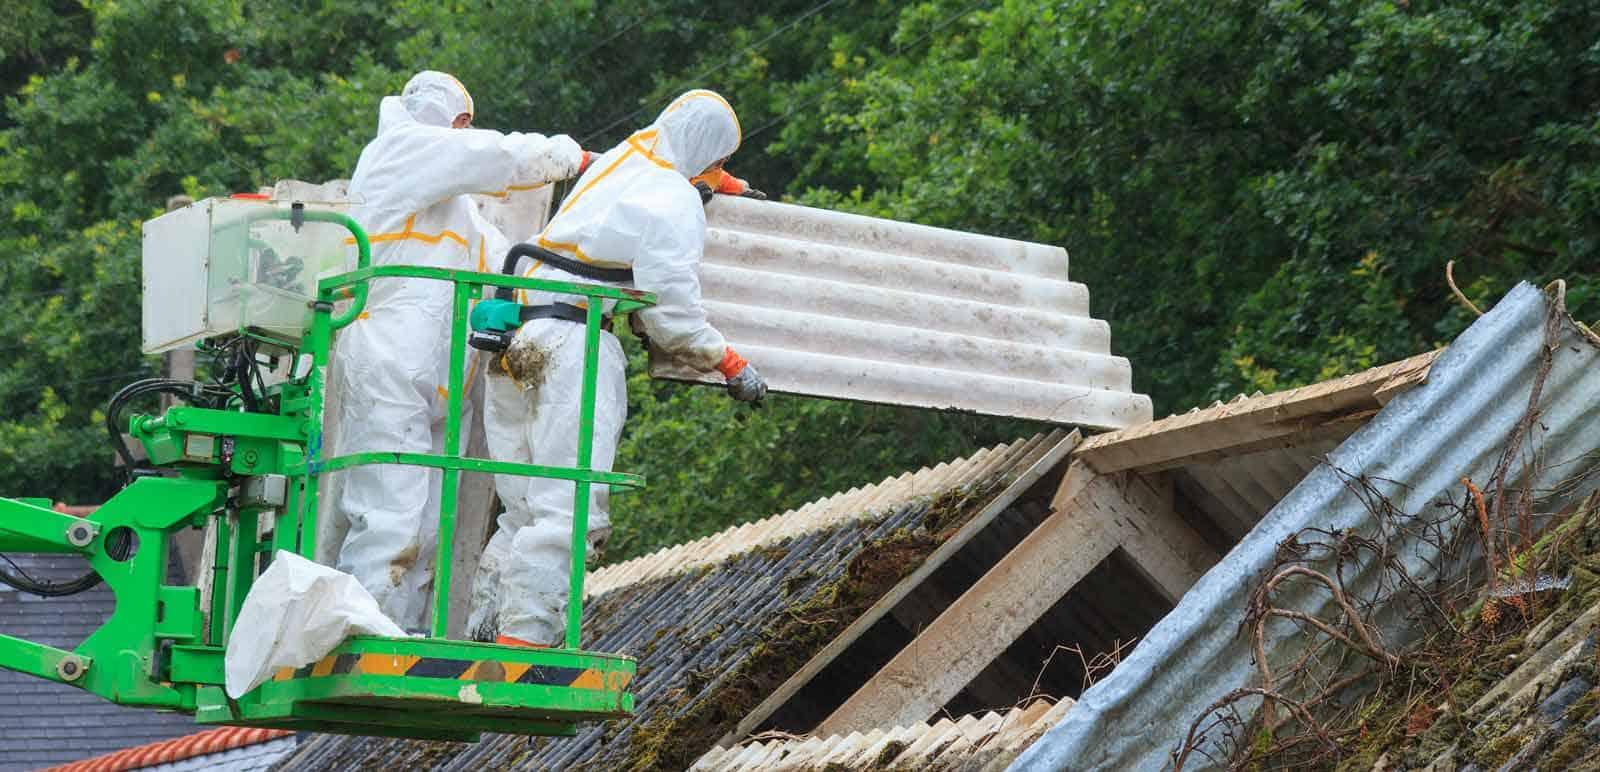 Dachsanierung-kostenlose-durch-Photovoltaik